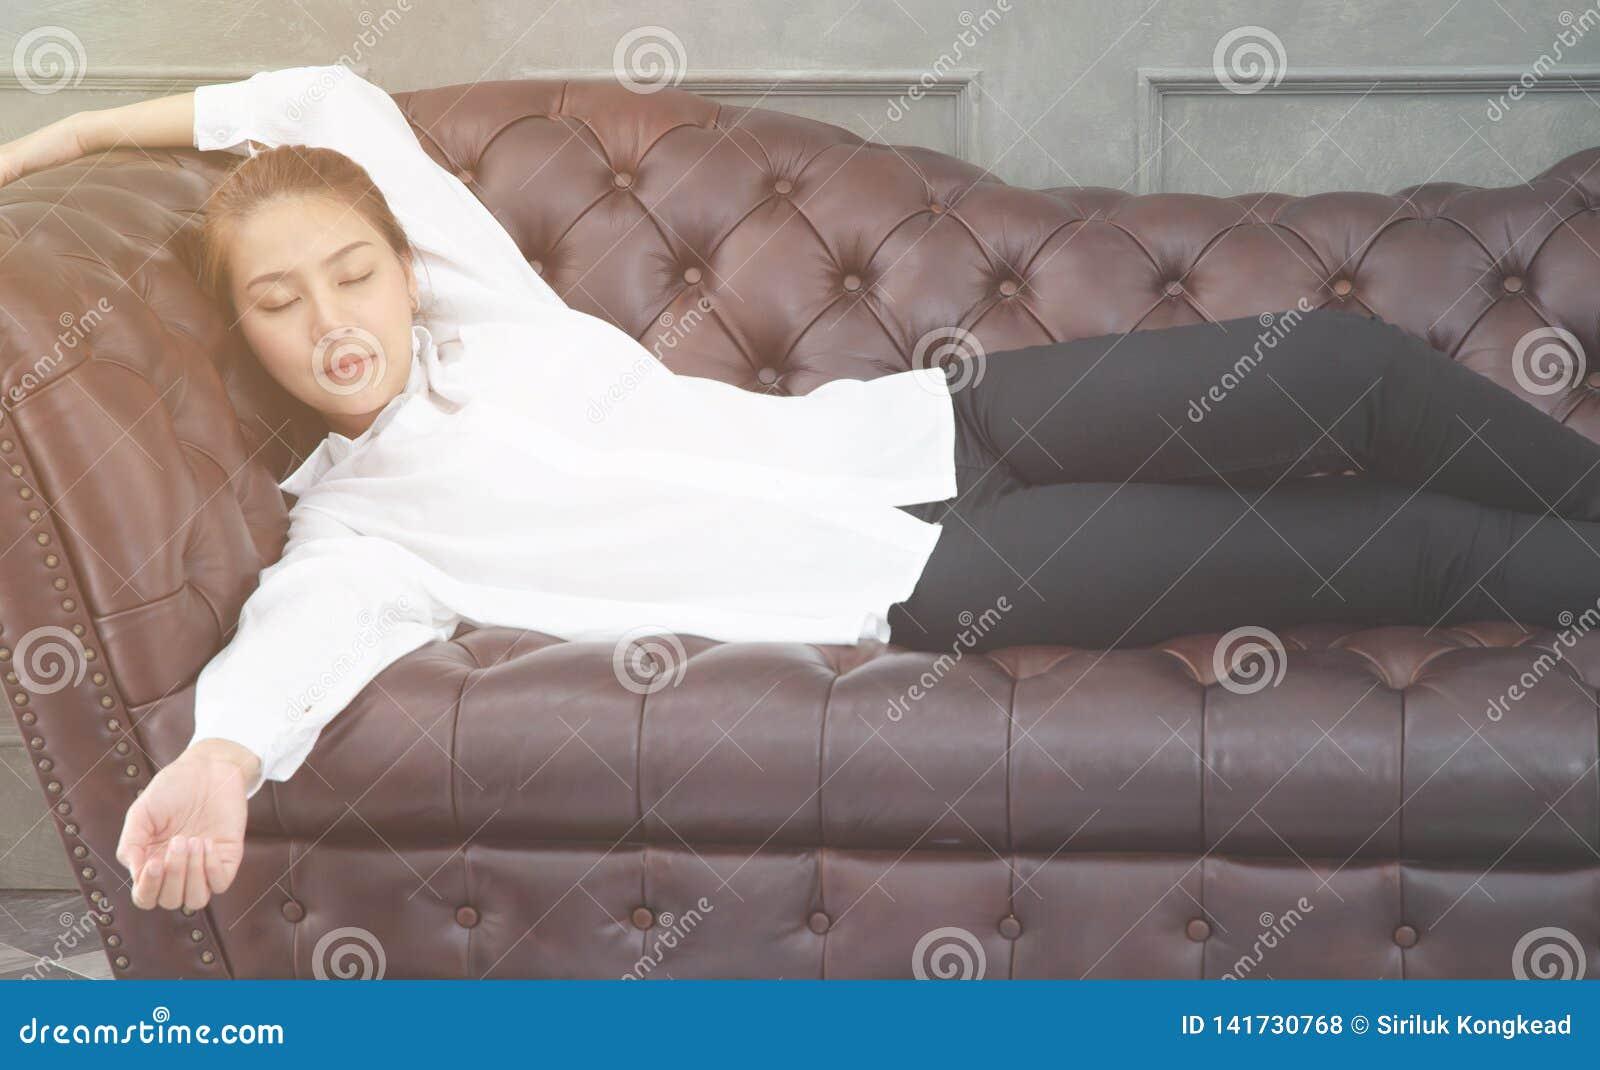 Vrouwen die een wit overhemd dragen slaapt zij op de bank